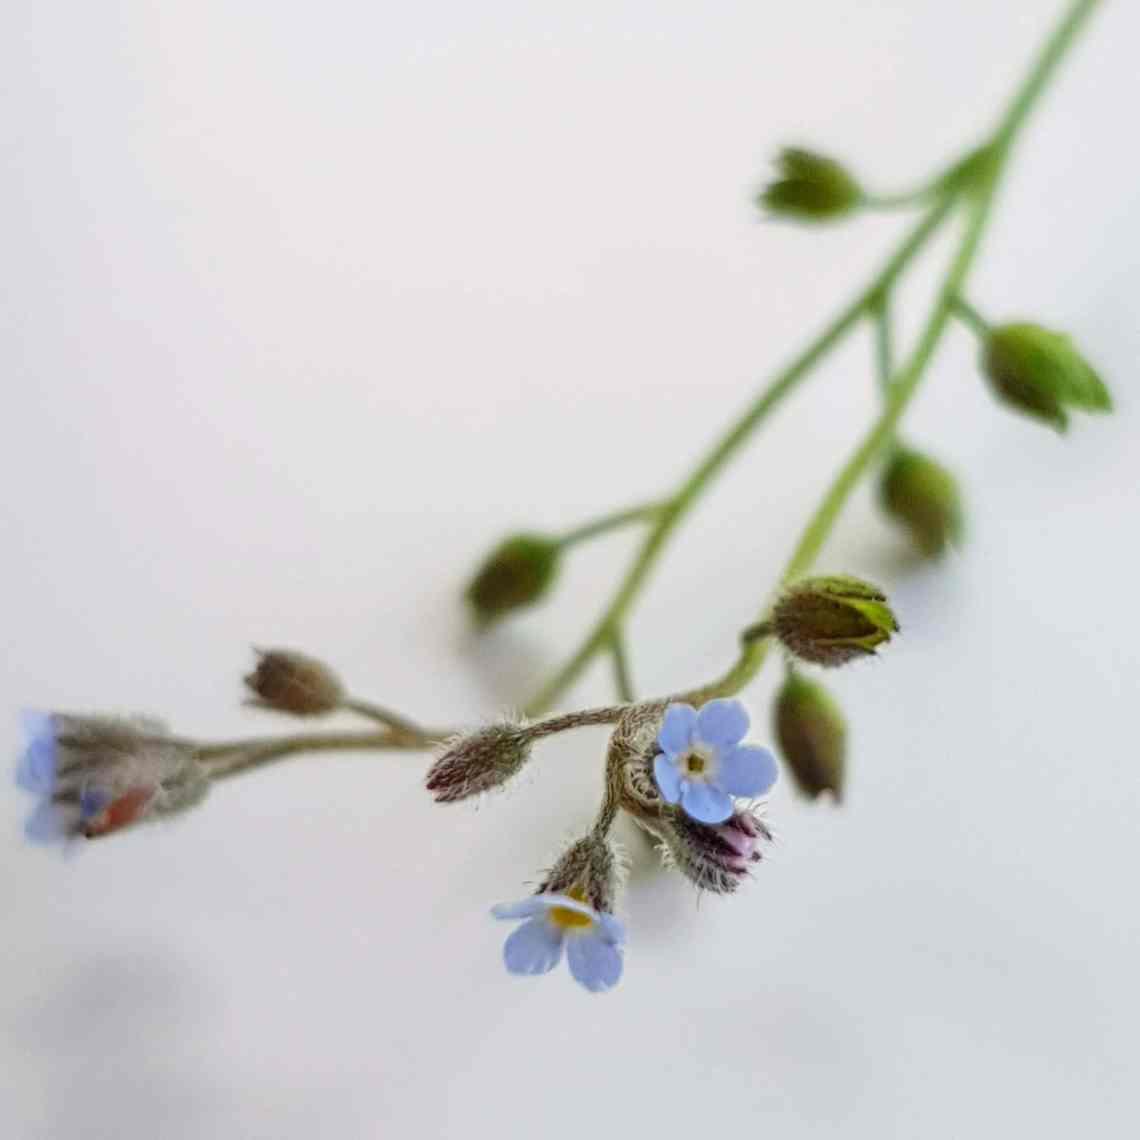 Forglemmigej – Fotograferet af Christel © danishthings.com. Spiselige blomster, stauder og urter – find de mange spiselige favoritter, 3 du skal spise med måde og et par giftige, som måske overrasker. Få inspiration til brug, tips, opskrifter med de forskellige blomster og find inspiration til årets gang på danishthings.com. #danishthings #blomster #spiselige #giftige #spis-med-måde #undgå #dekoration #spiselige-blomster #spiselige-stauder #det-salte-køkken #det-søde-køkken #urter #kagedekoration #mad